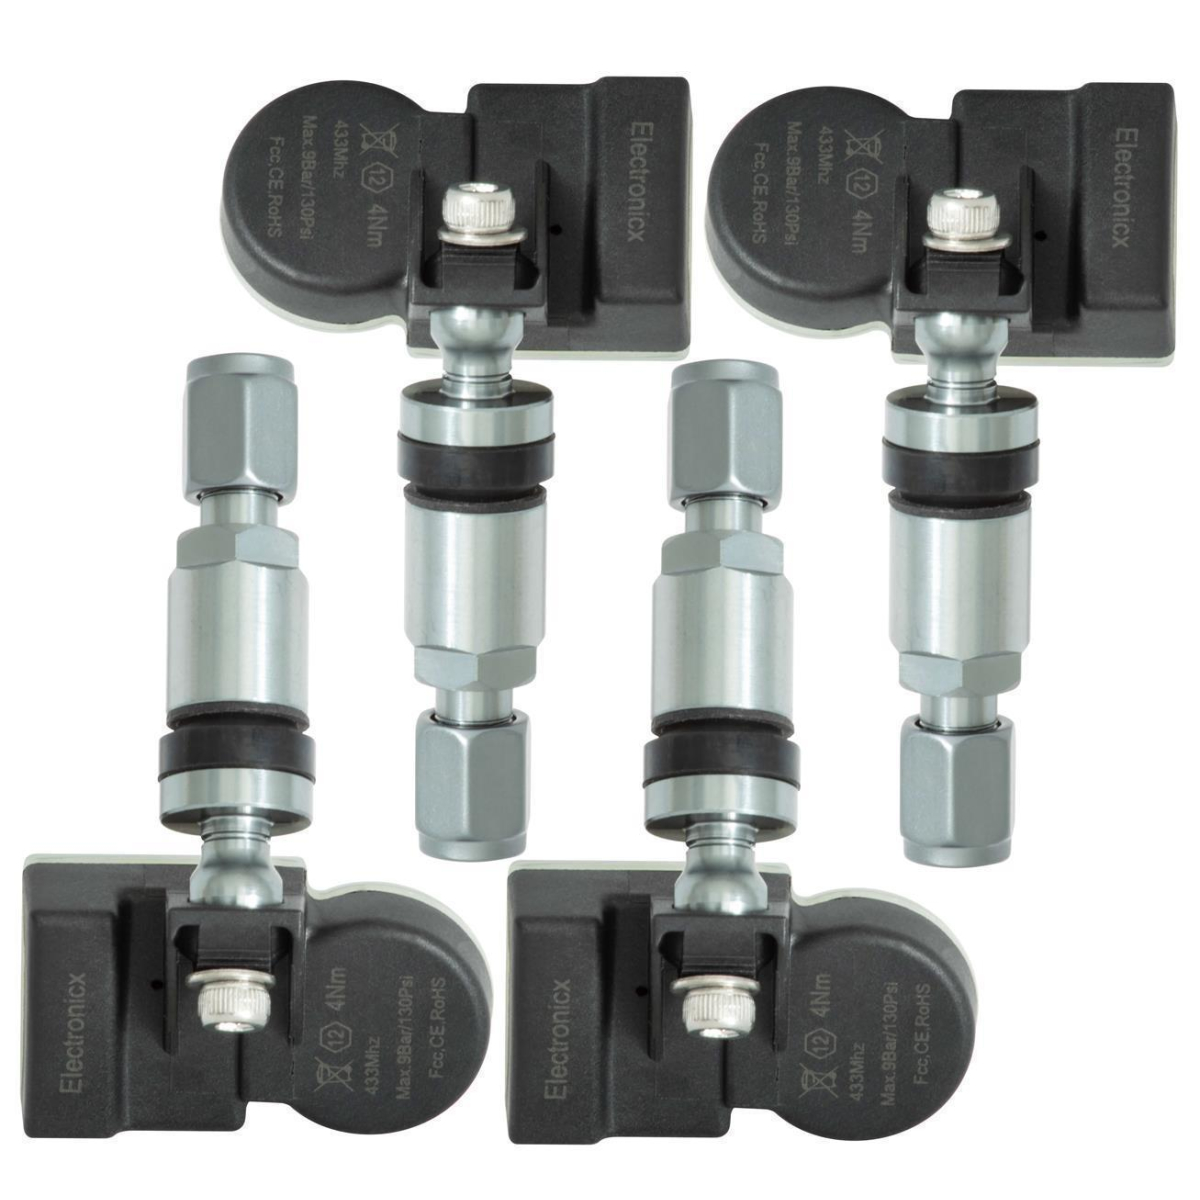 Reifendrucksensoren RDKS Sensoren Metallventil Gunmetal für F20 F21 F22 F23 F30 F31 F35 F34 F80 F48